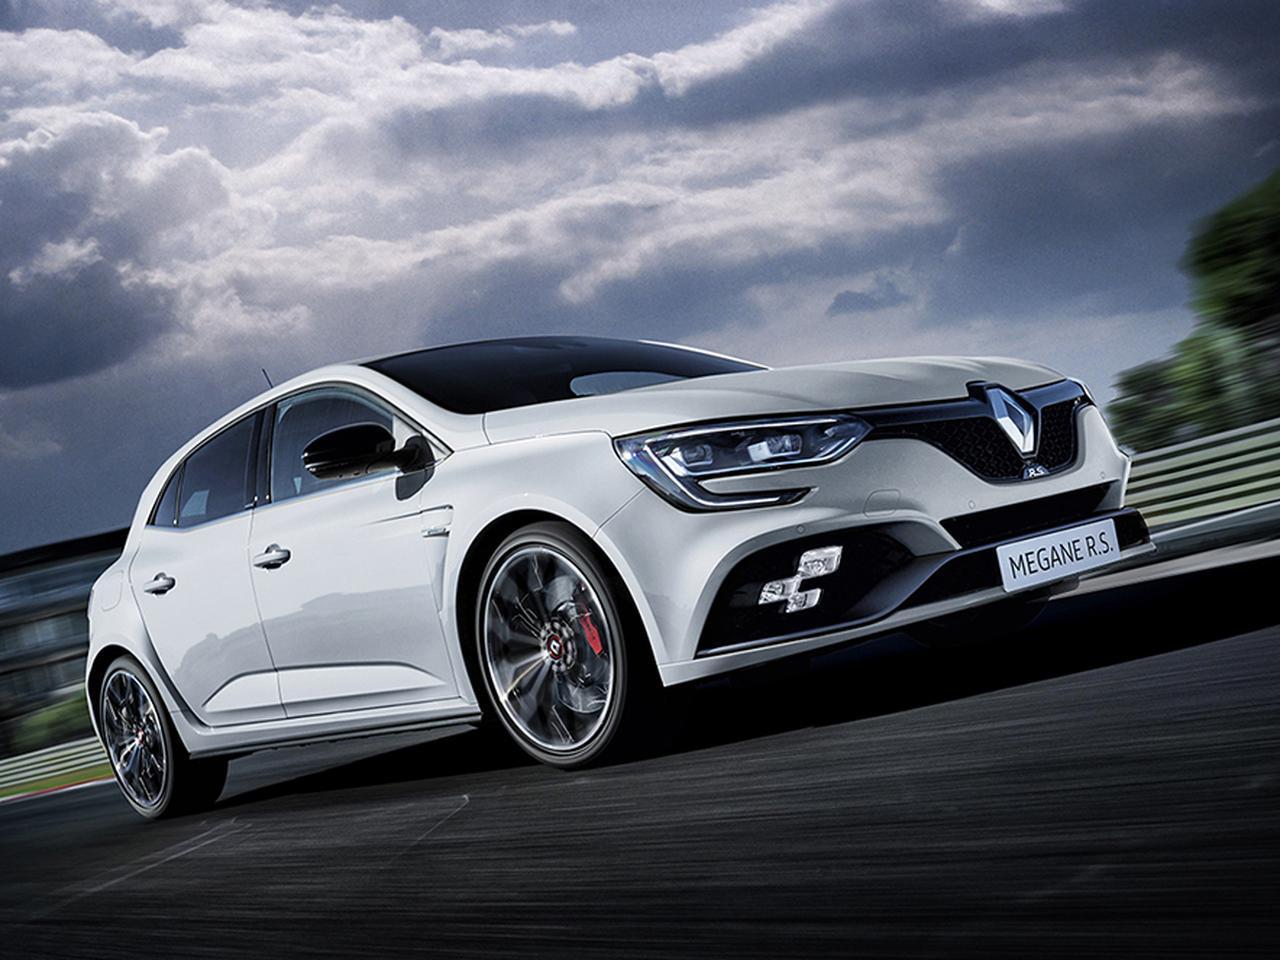 6速MT搭載の限定車 メガーヌ ルノー・スポール カップ発売、これって、メチャ楽しそう!